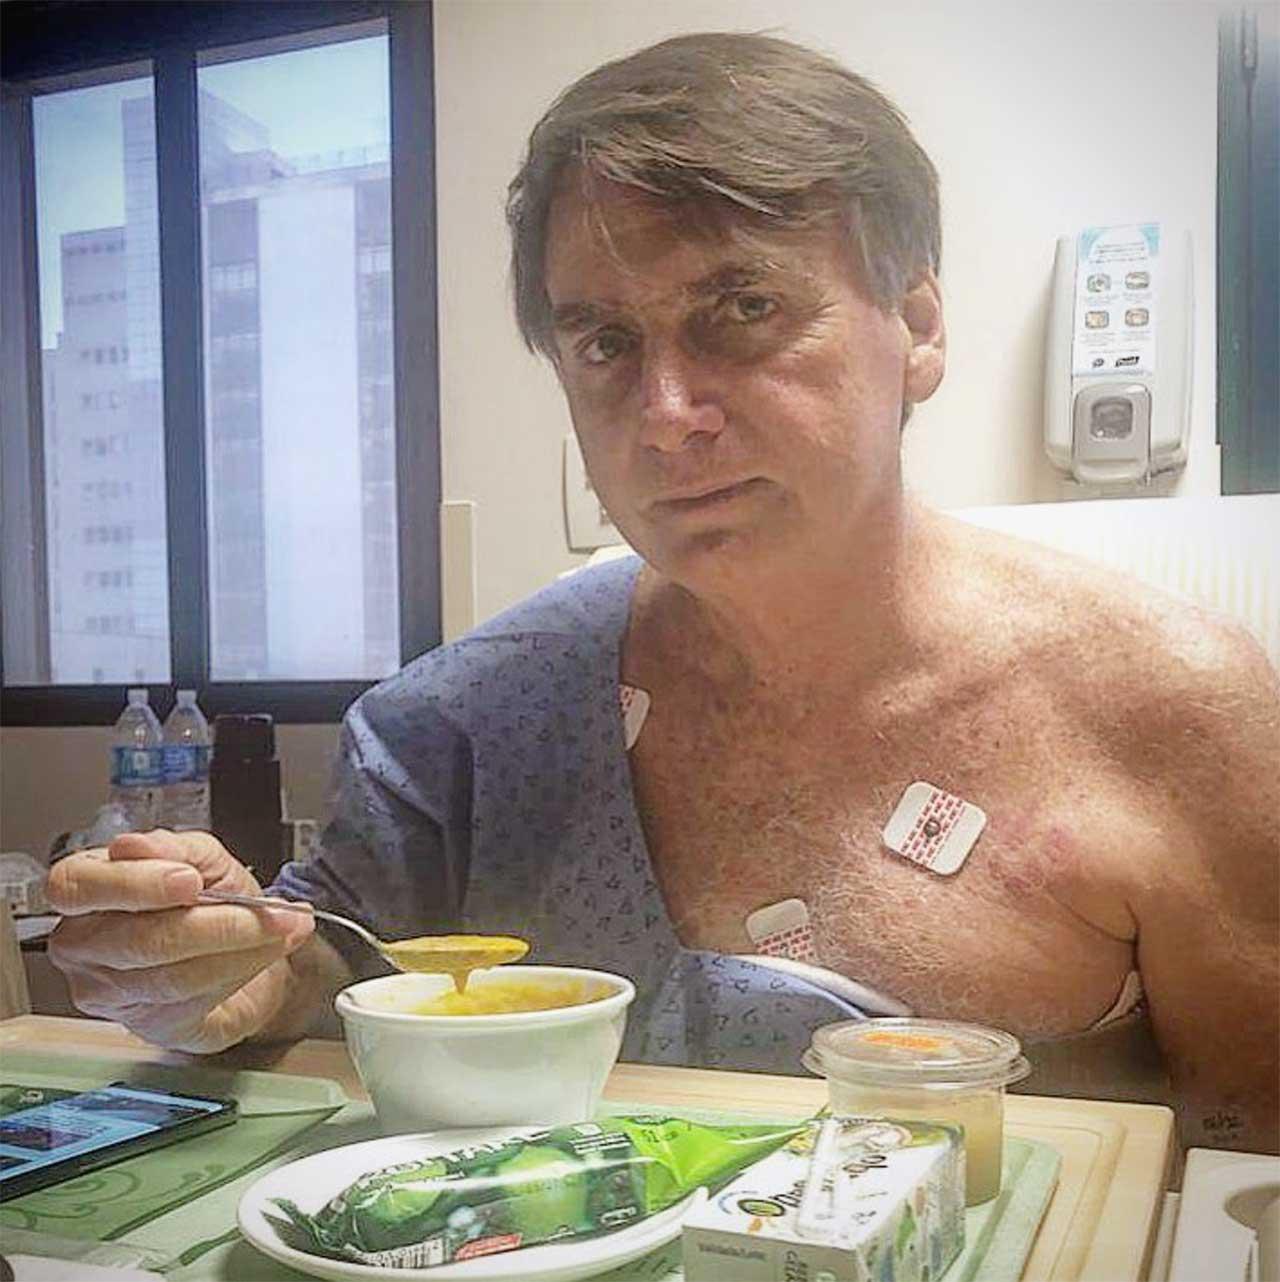 Jair Bolsonaro inicia alimentação com alimentos cremosos no hospital